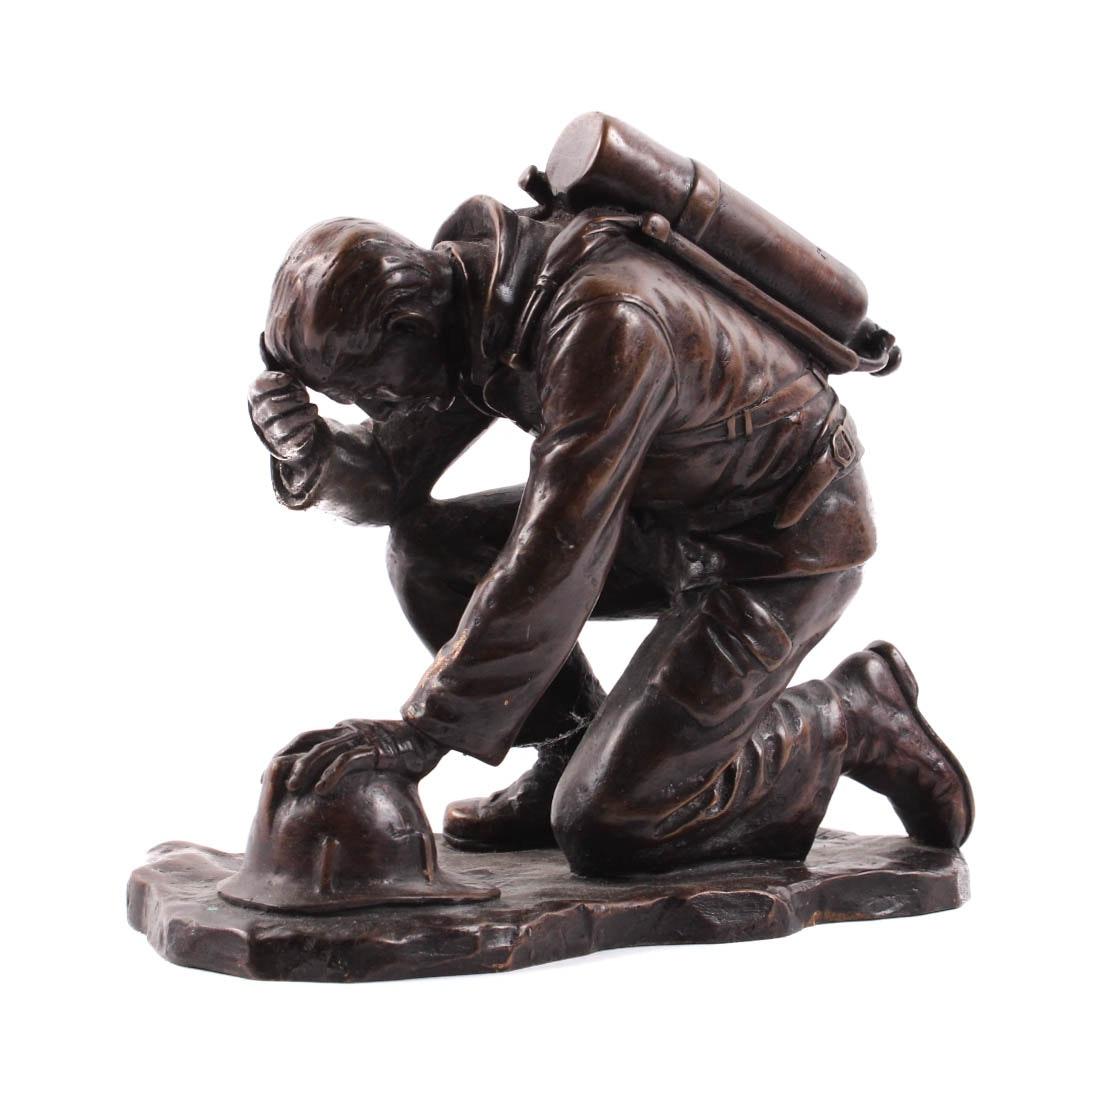 Kneeling Firefighter Bronze Sculpture